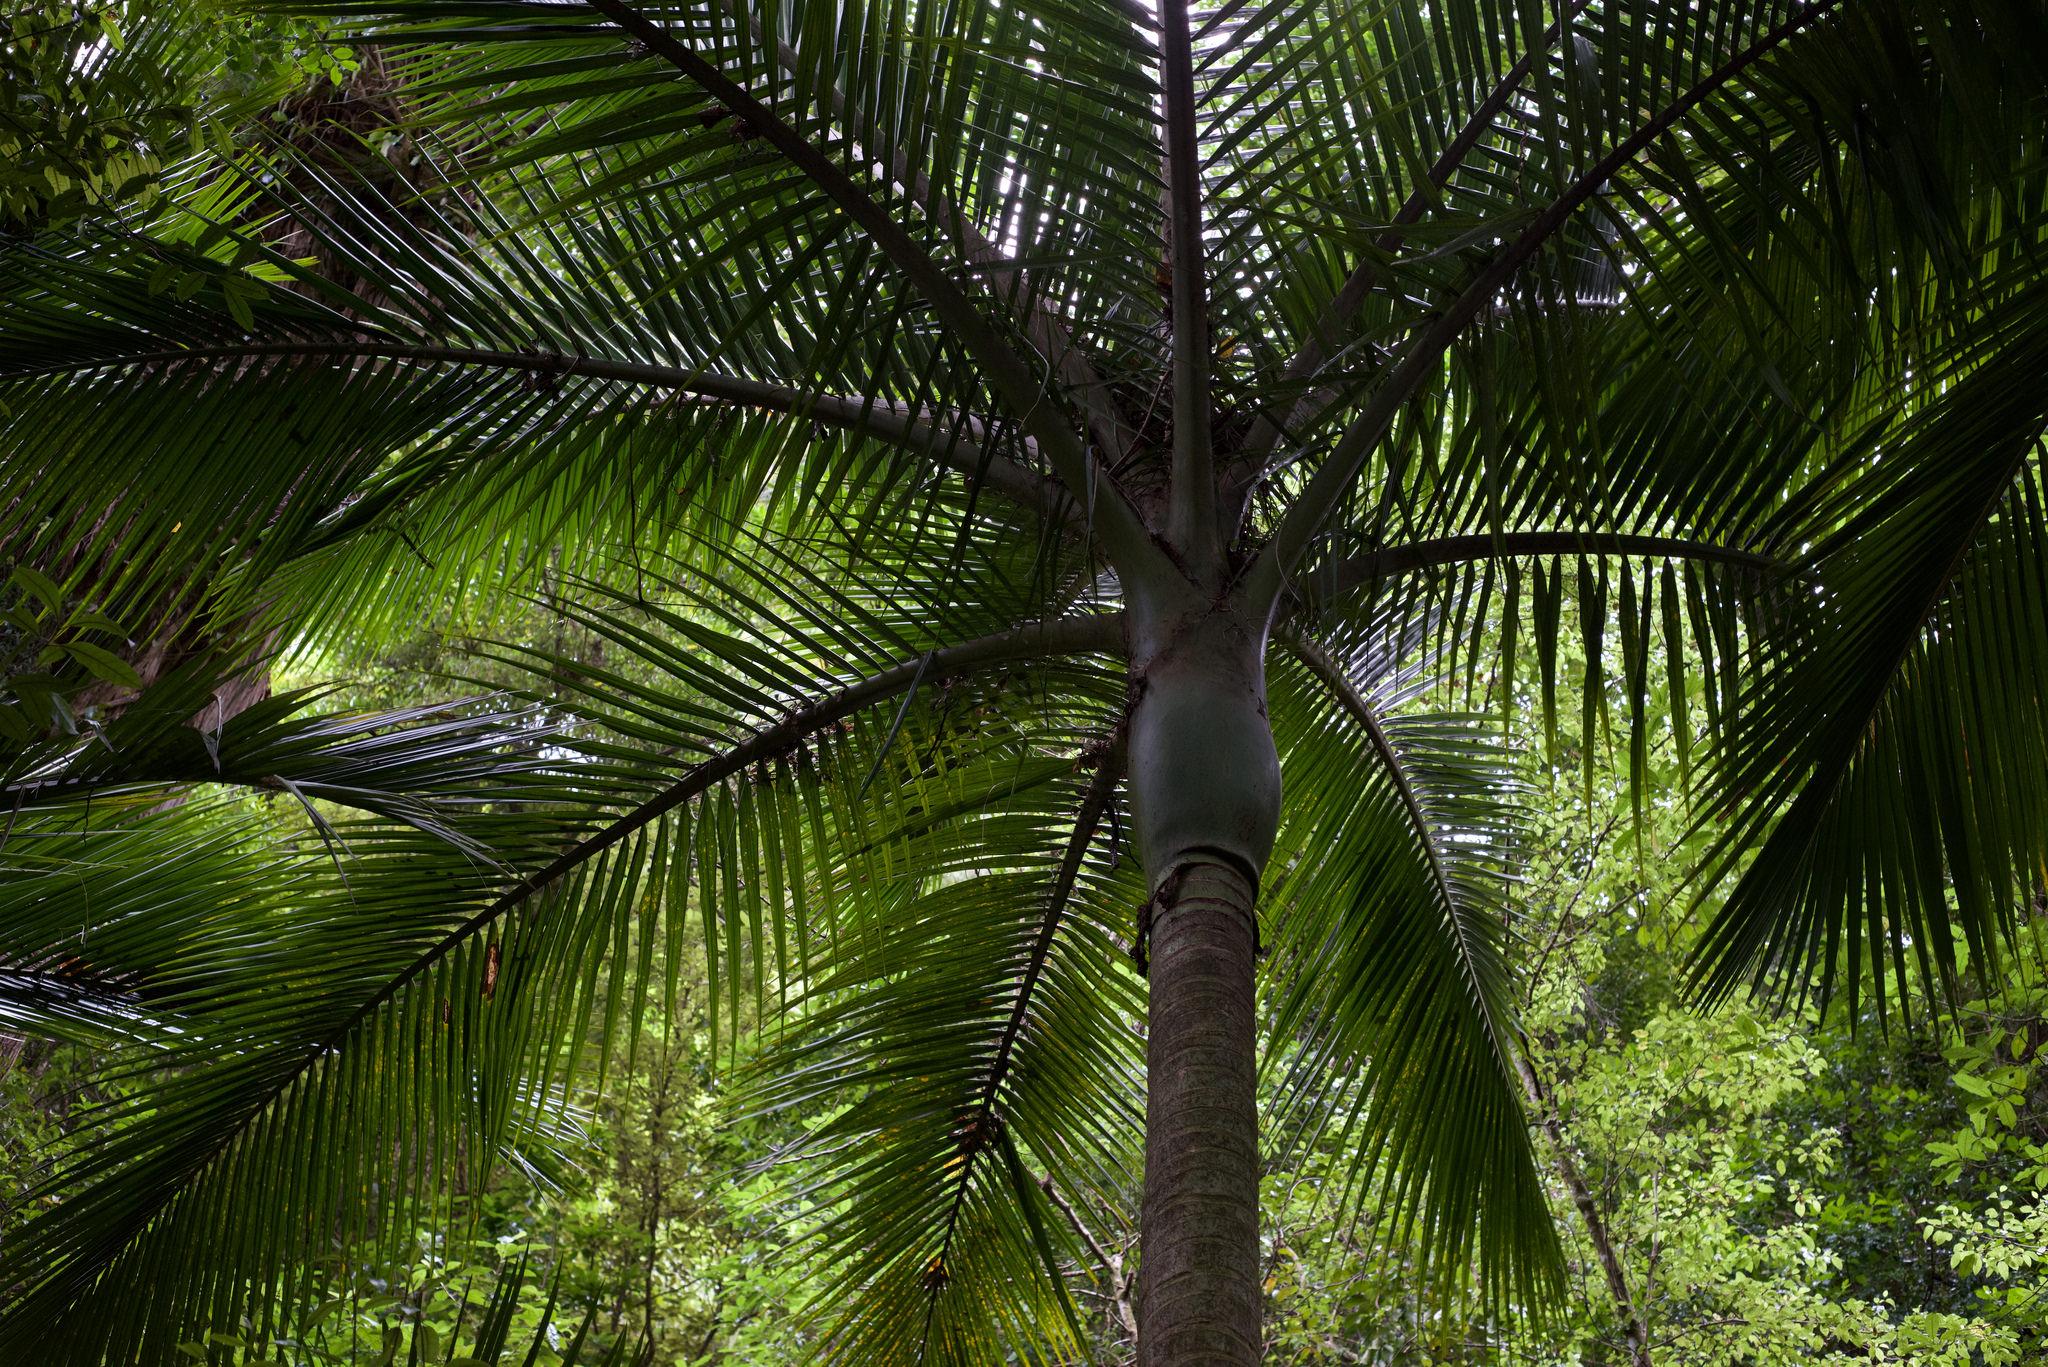 ニュージーランドのヤシの木「ニカウ」。発見したマオリ族がガッカリした理由とは?